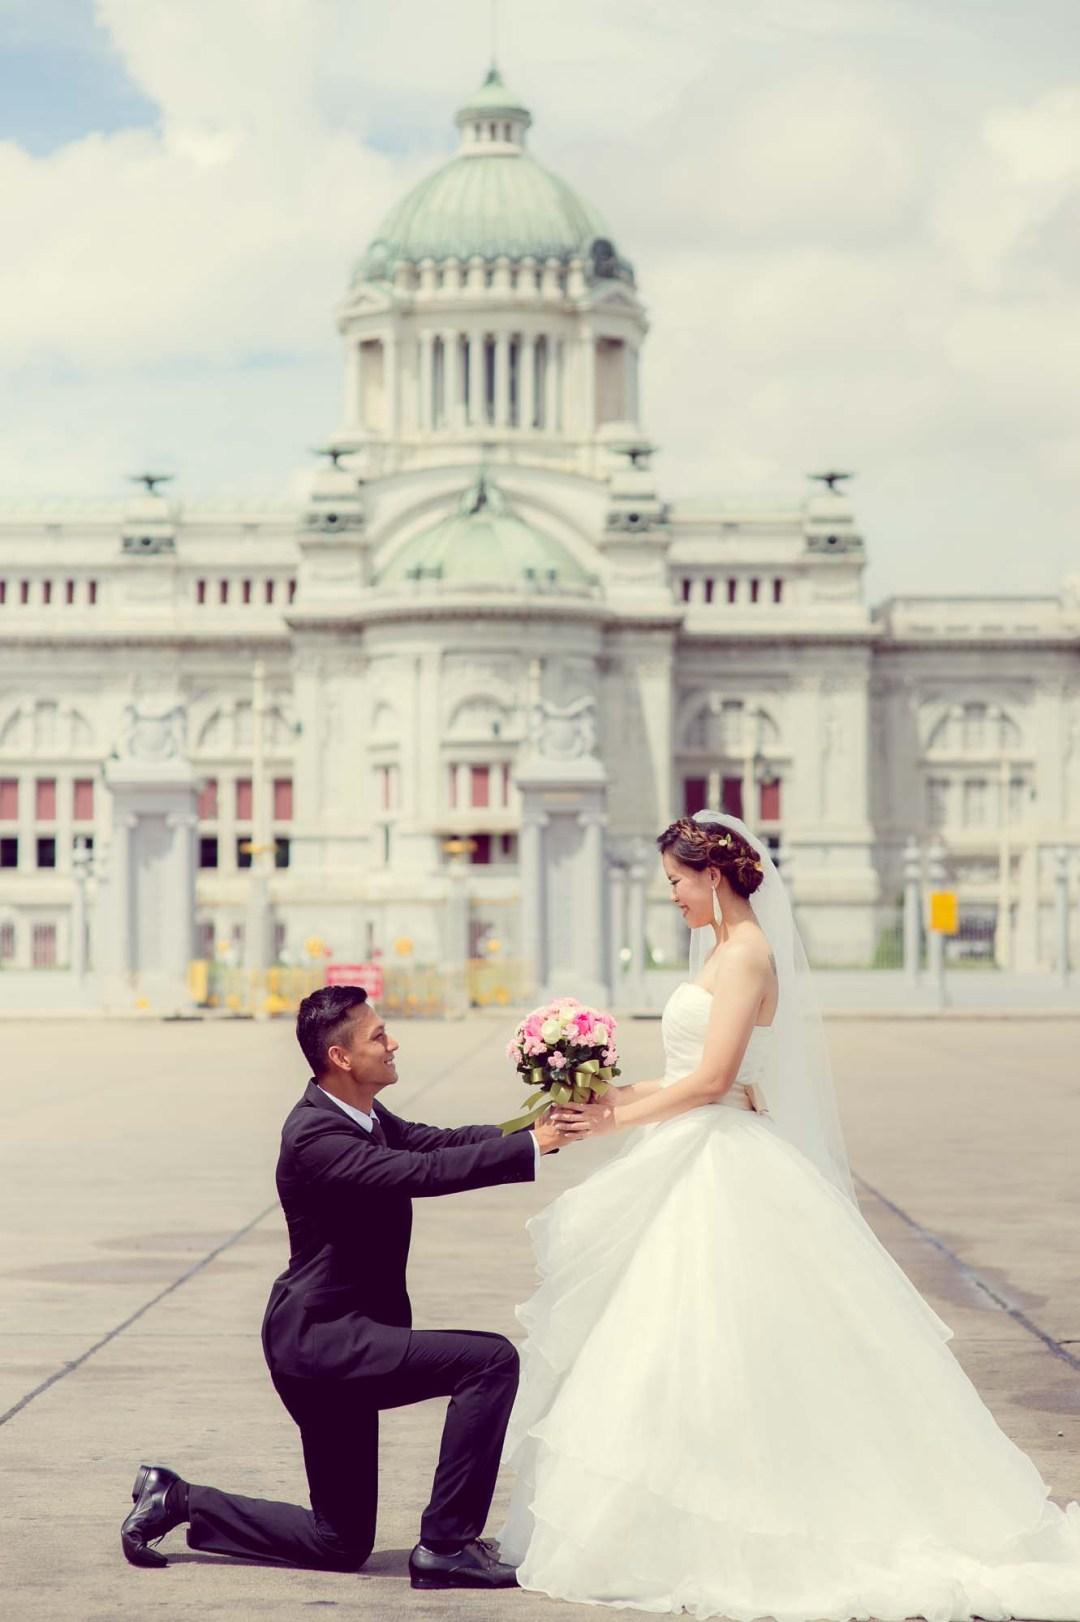 Pre-Wedding at Ananta Samakhom Throne Hall in Bangkok Thailand | Bangkok Wedding Photography